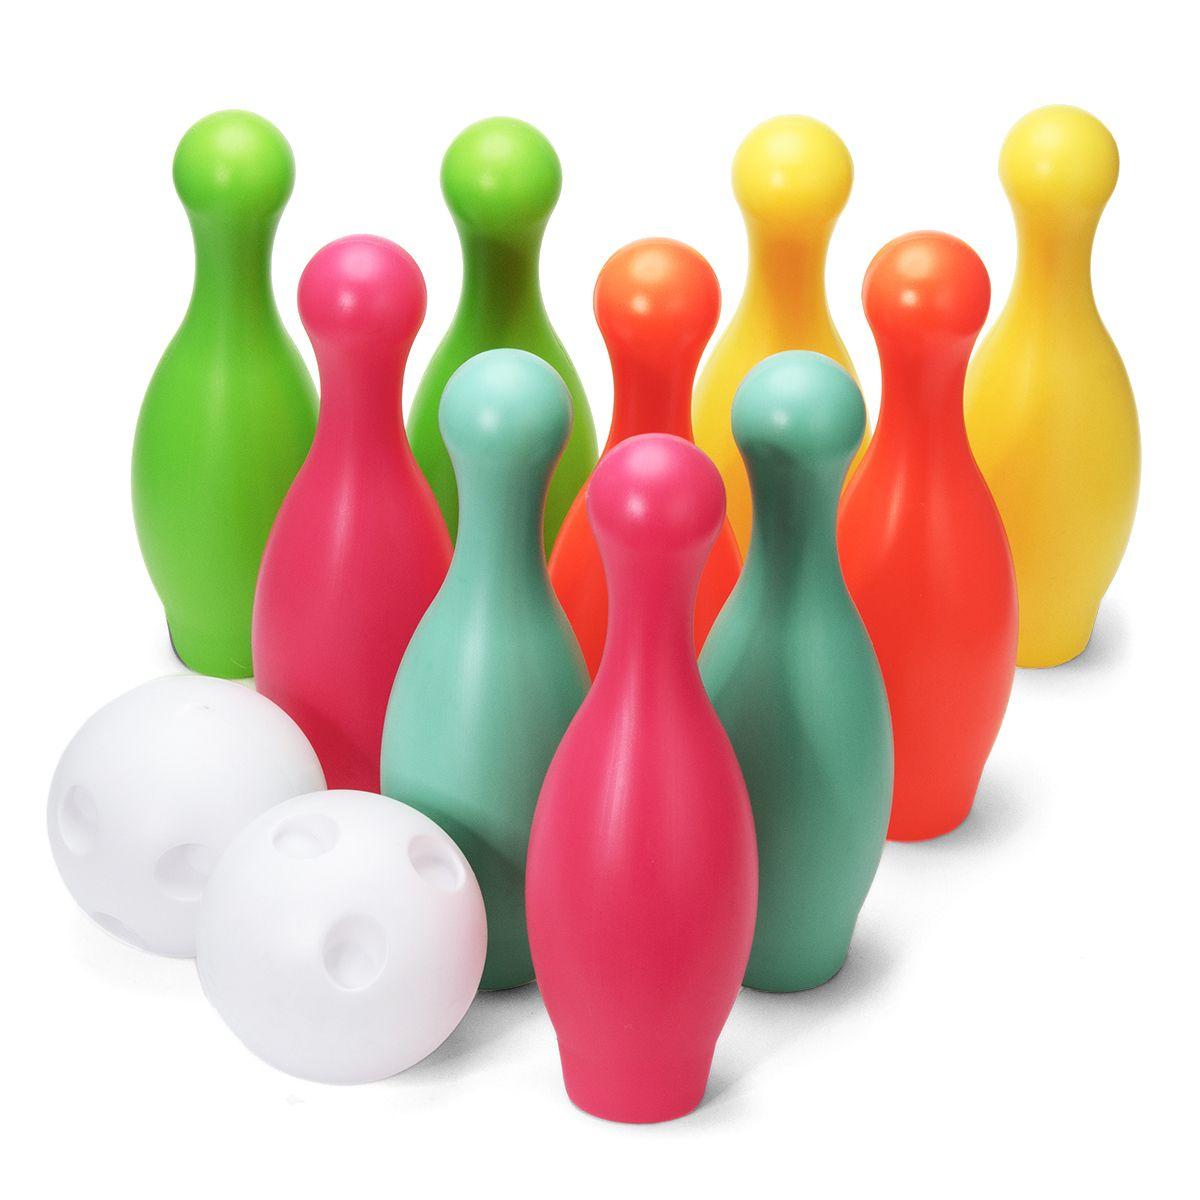 Bowling 10 Quilles Et 2 Boules - Jeux De Tir Et Pistolets encequiconcerne Jeux Gratuits De Bowling